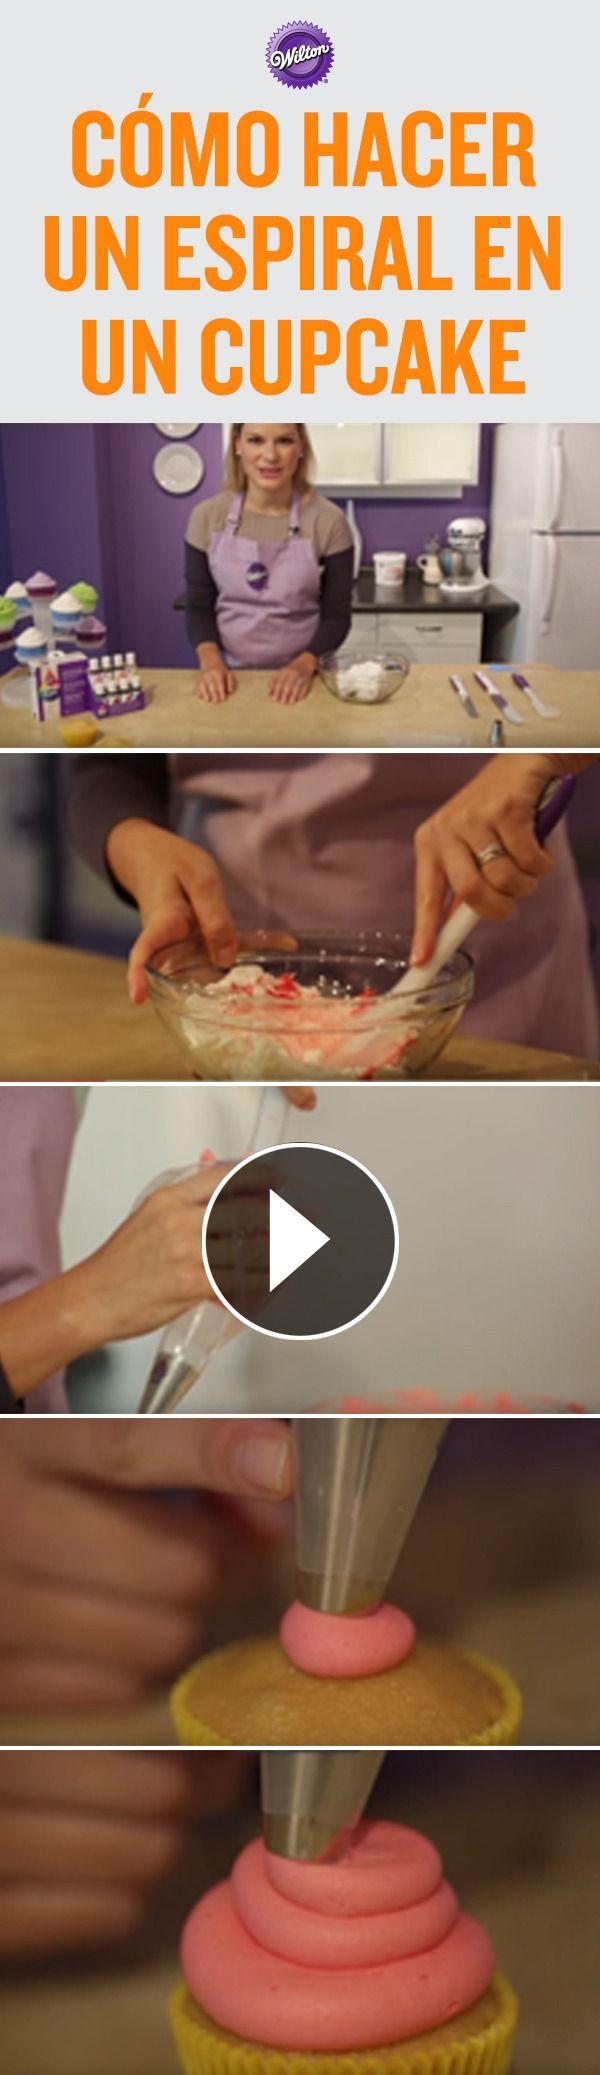 Nunca imaginaras lo fácil que es pintar glaseado, preparar una manga y decorar un cupcake. Esta técnica la podrás usar  para cualquier celebración. Atrévete a crear colores brillantes y diferentes usando el Sistema para dar color Color Right de Wilton.